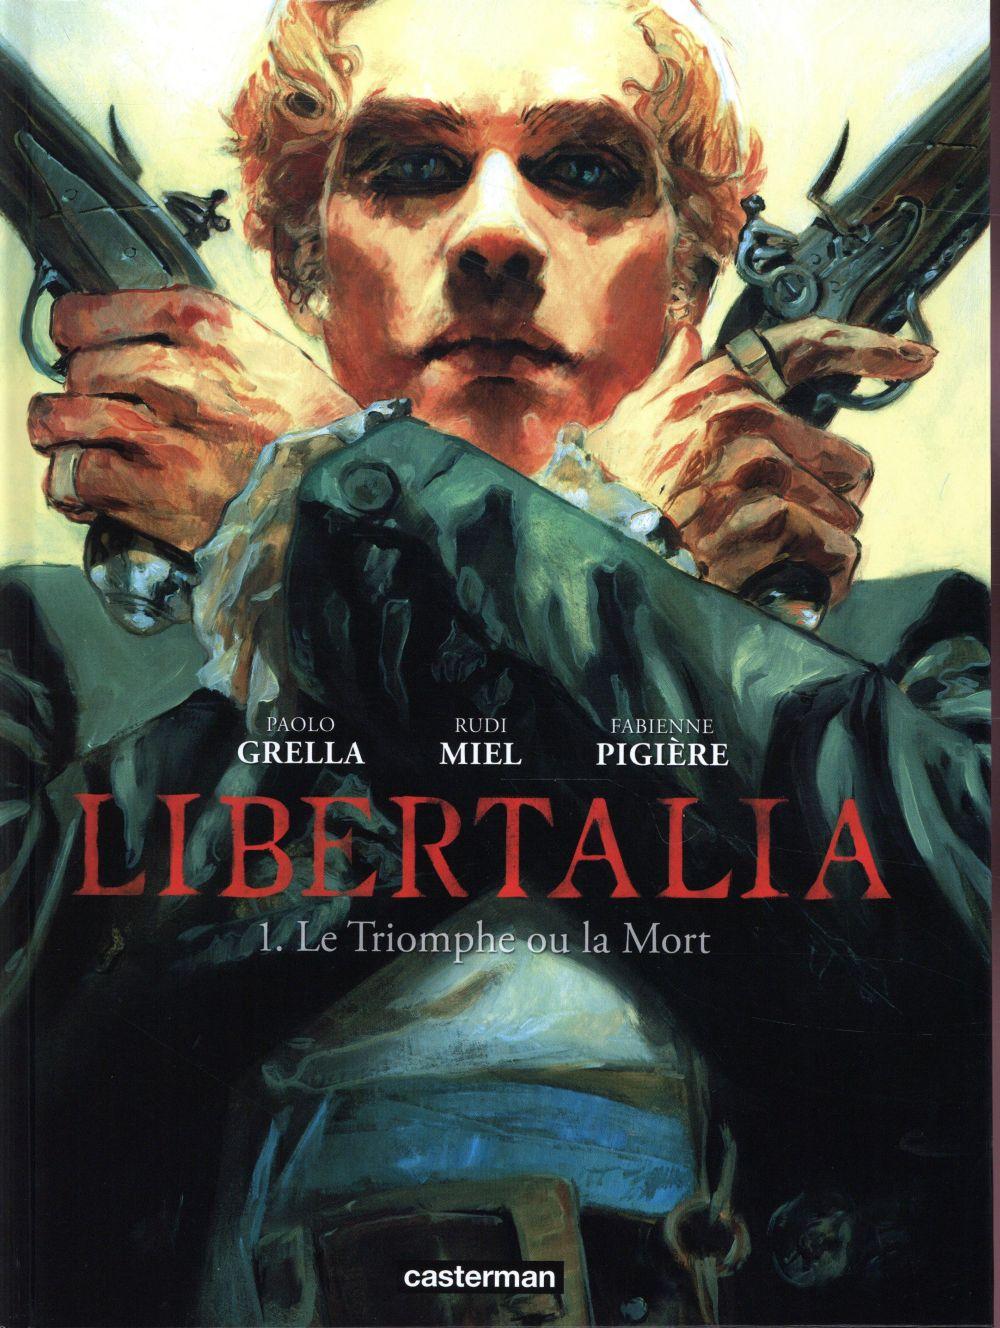 Libertalia (Tome 1)  - Le Triomphe ou la Mort